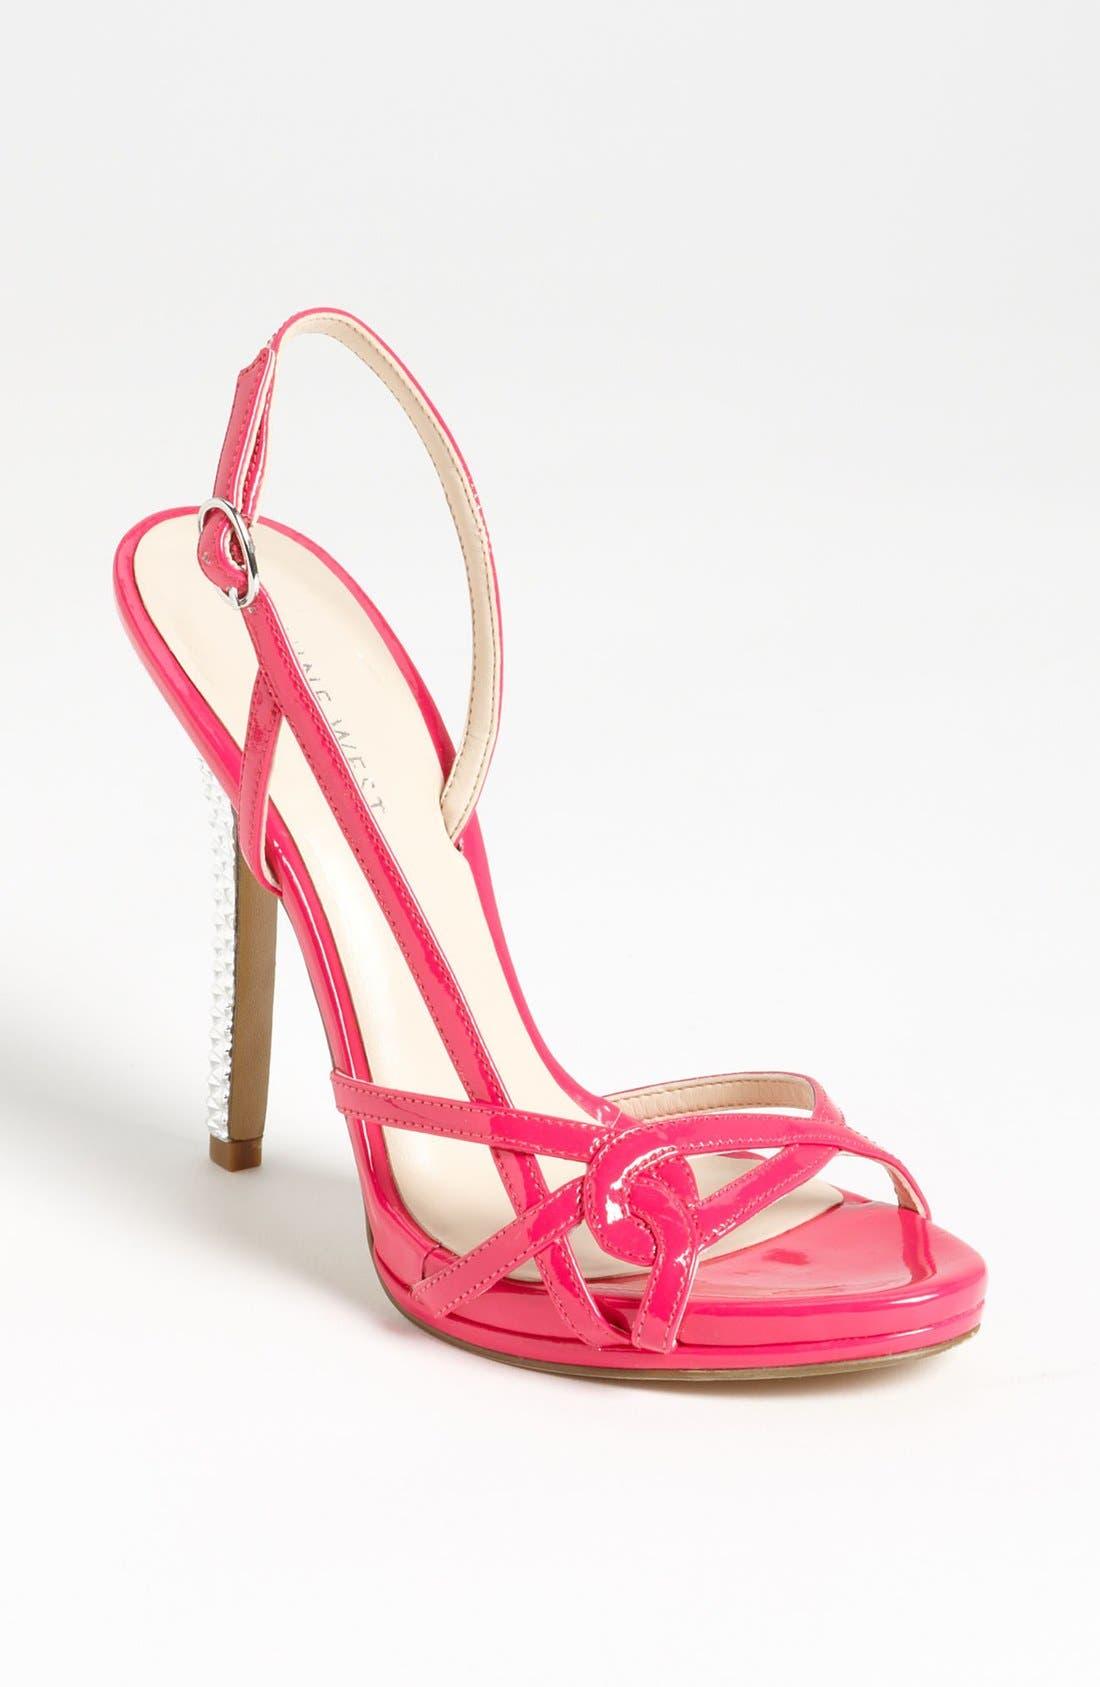 Main Image - Nine West 'Whilia' Sandal